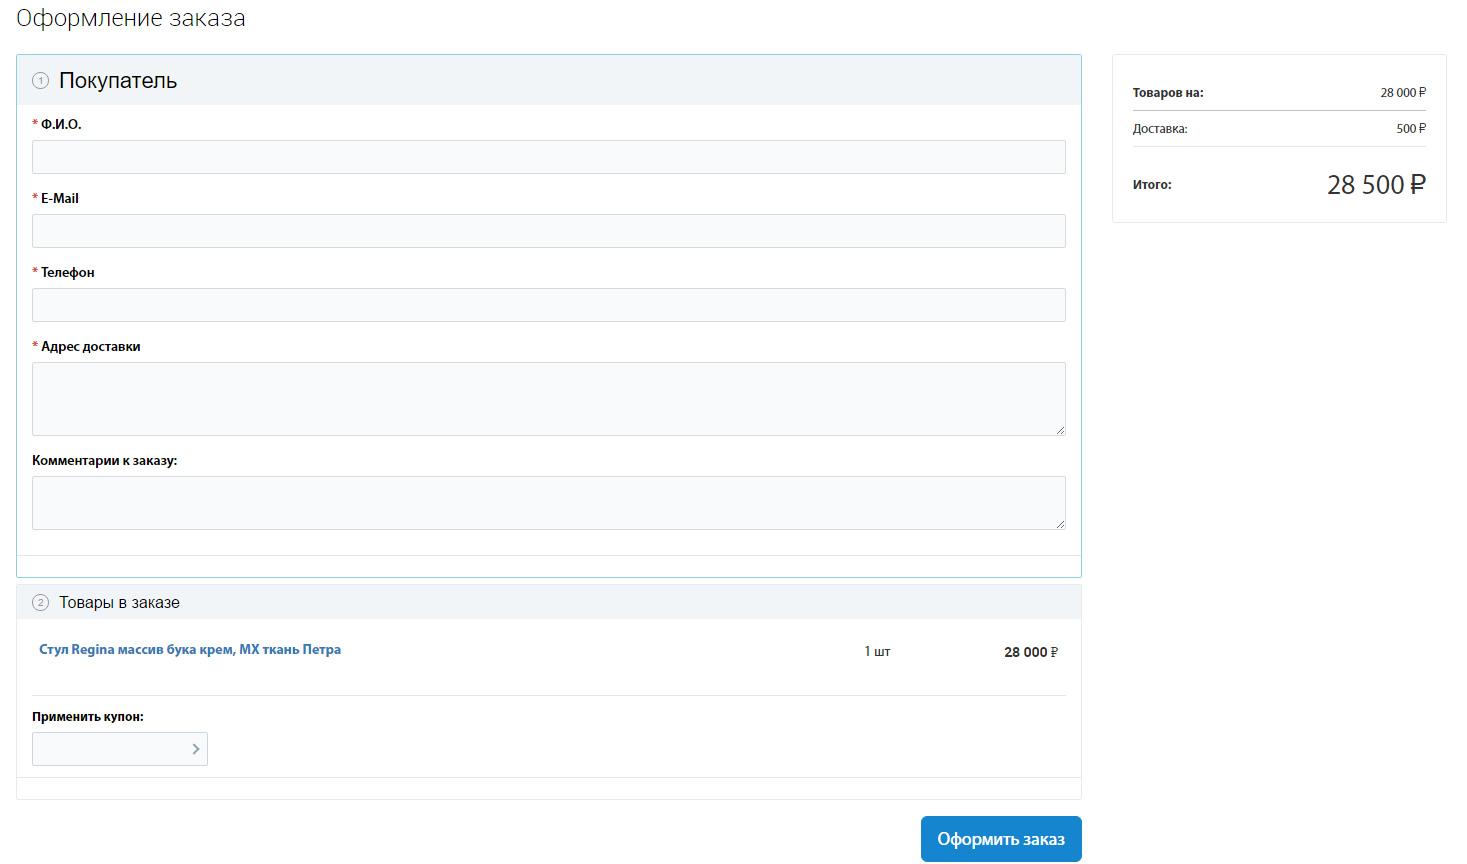 Битрикс изменение корзины ajax битрикс демо сайт онлайн